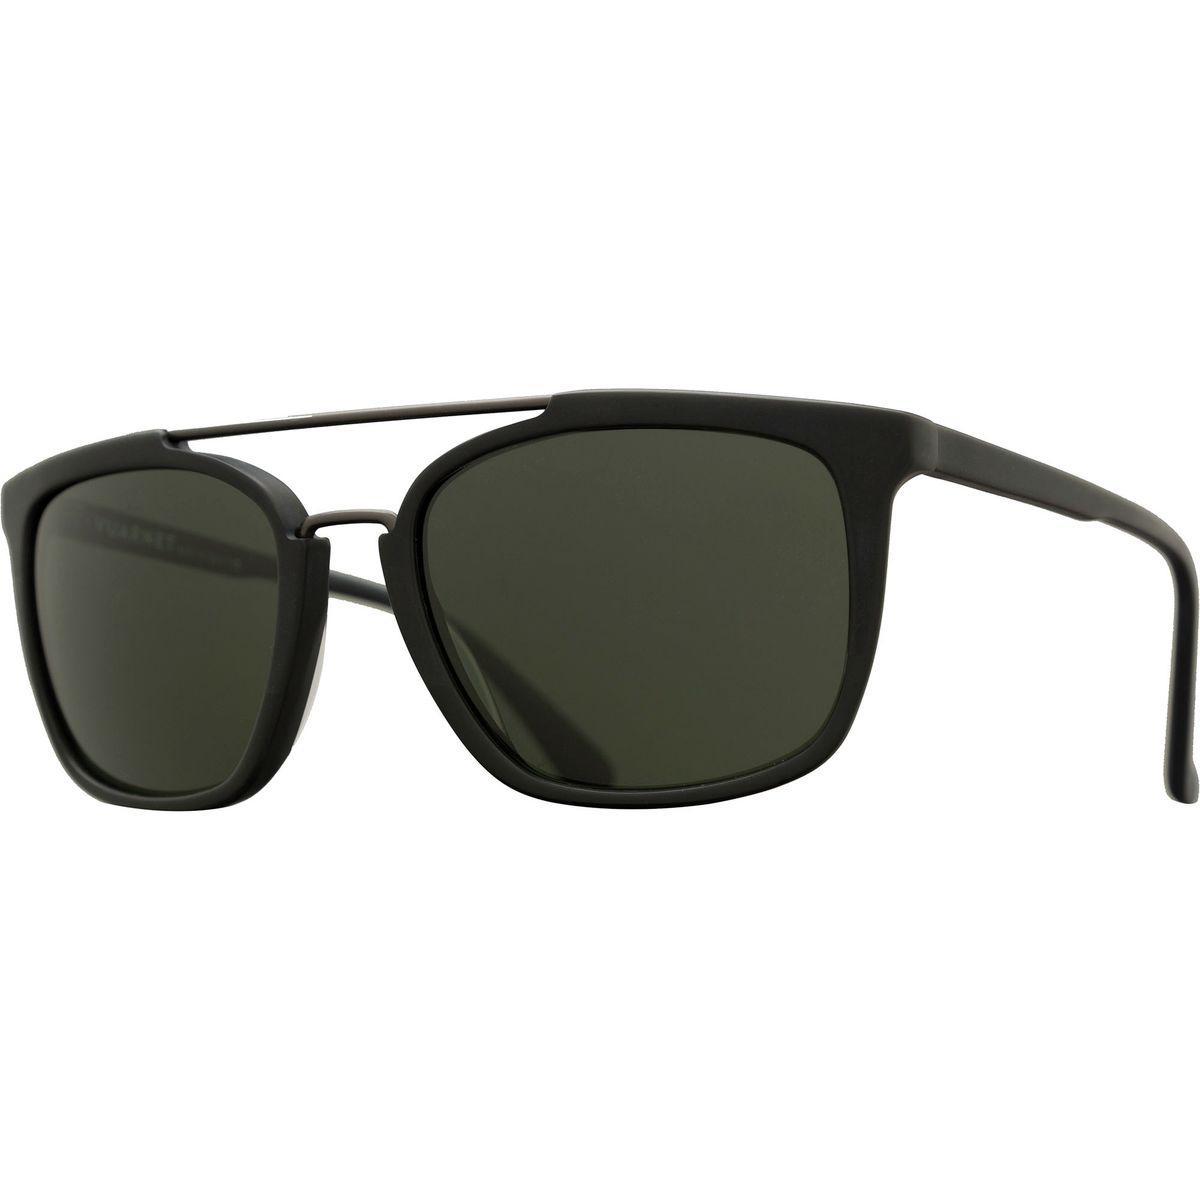 cd84e80dfdd Lyst - Vuarnet Vl 1601 Sunglasses in Black for Men